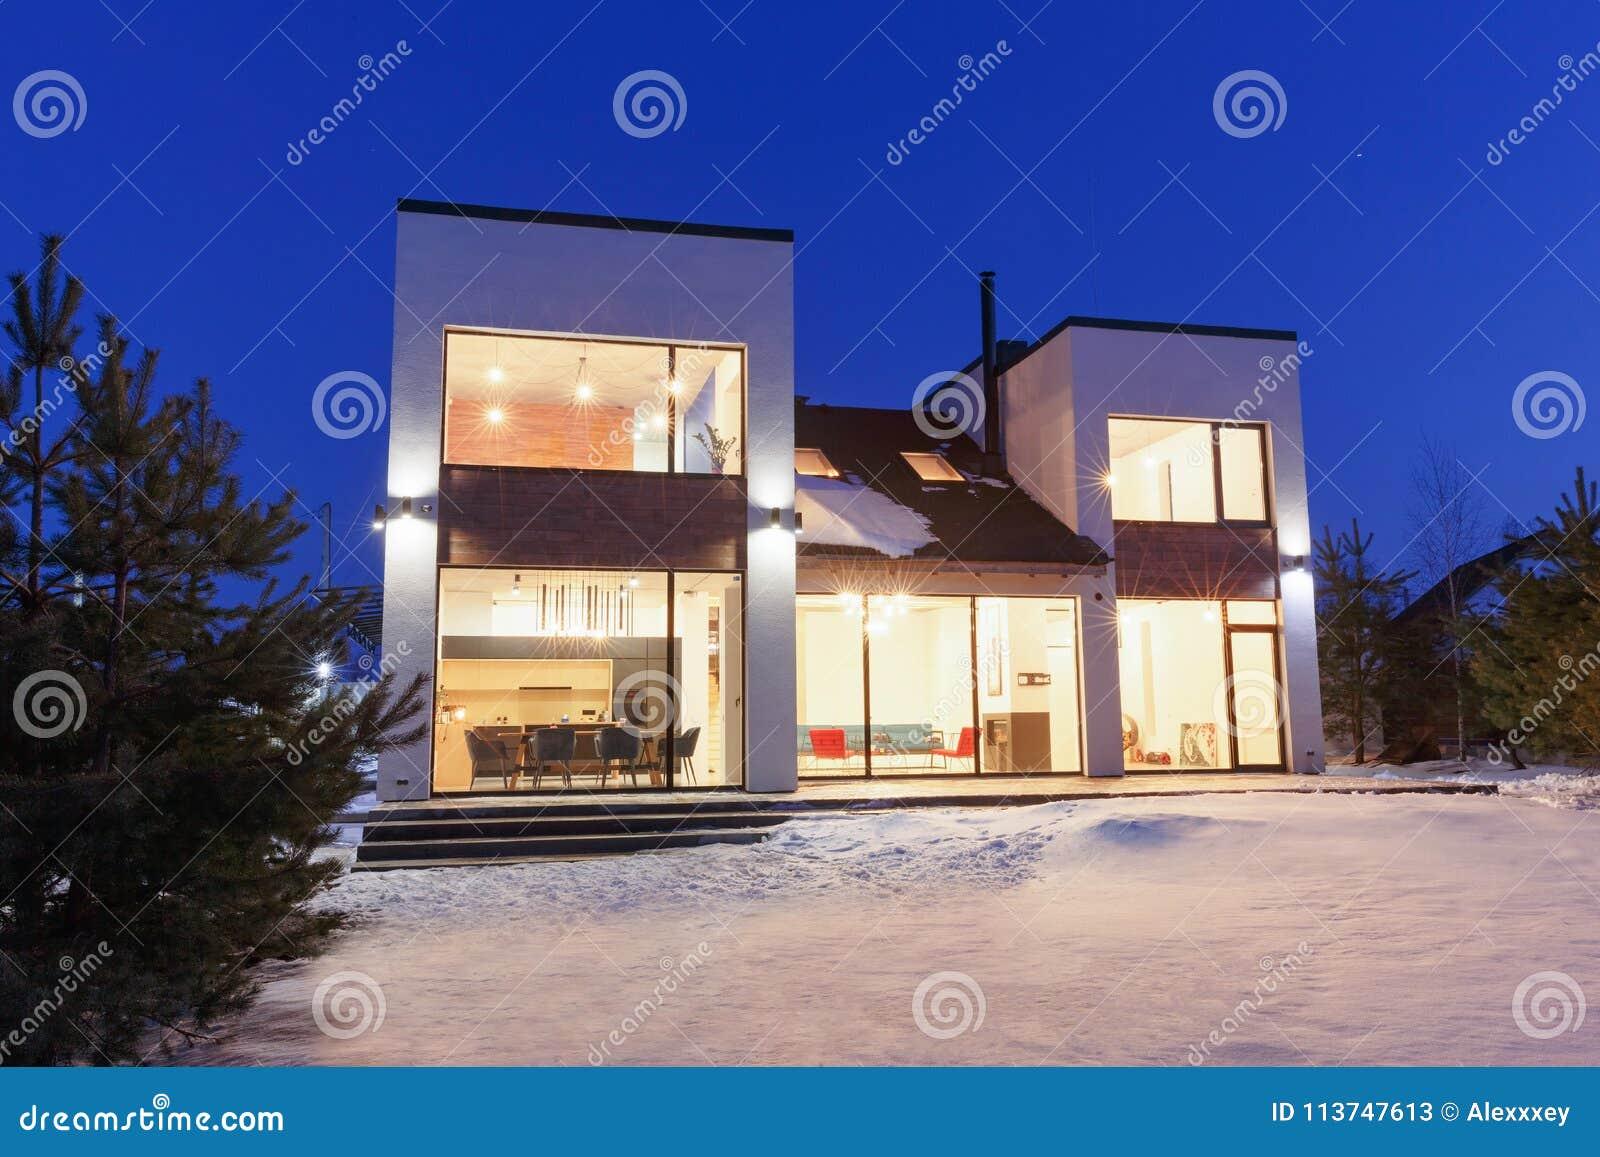 Privé huis met panoramische vensters in een moderne stijl op een